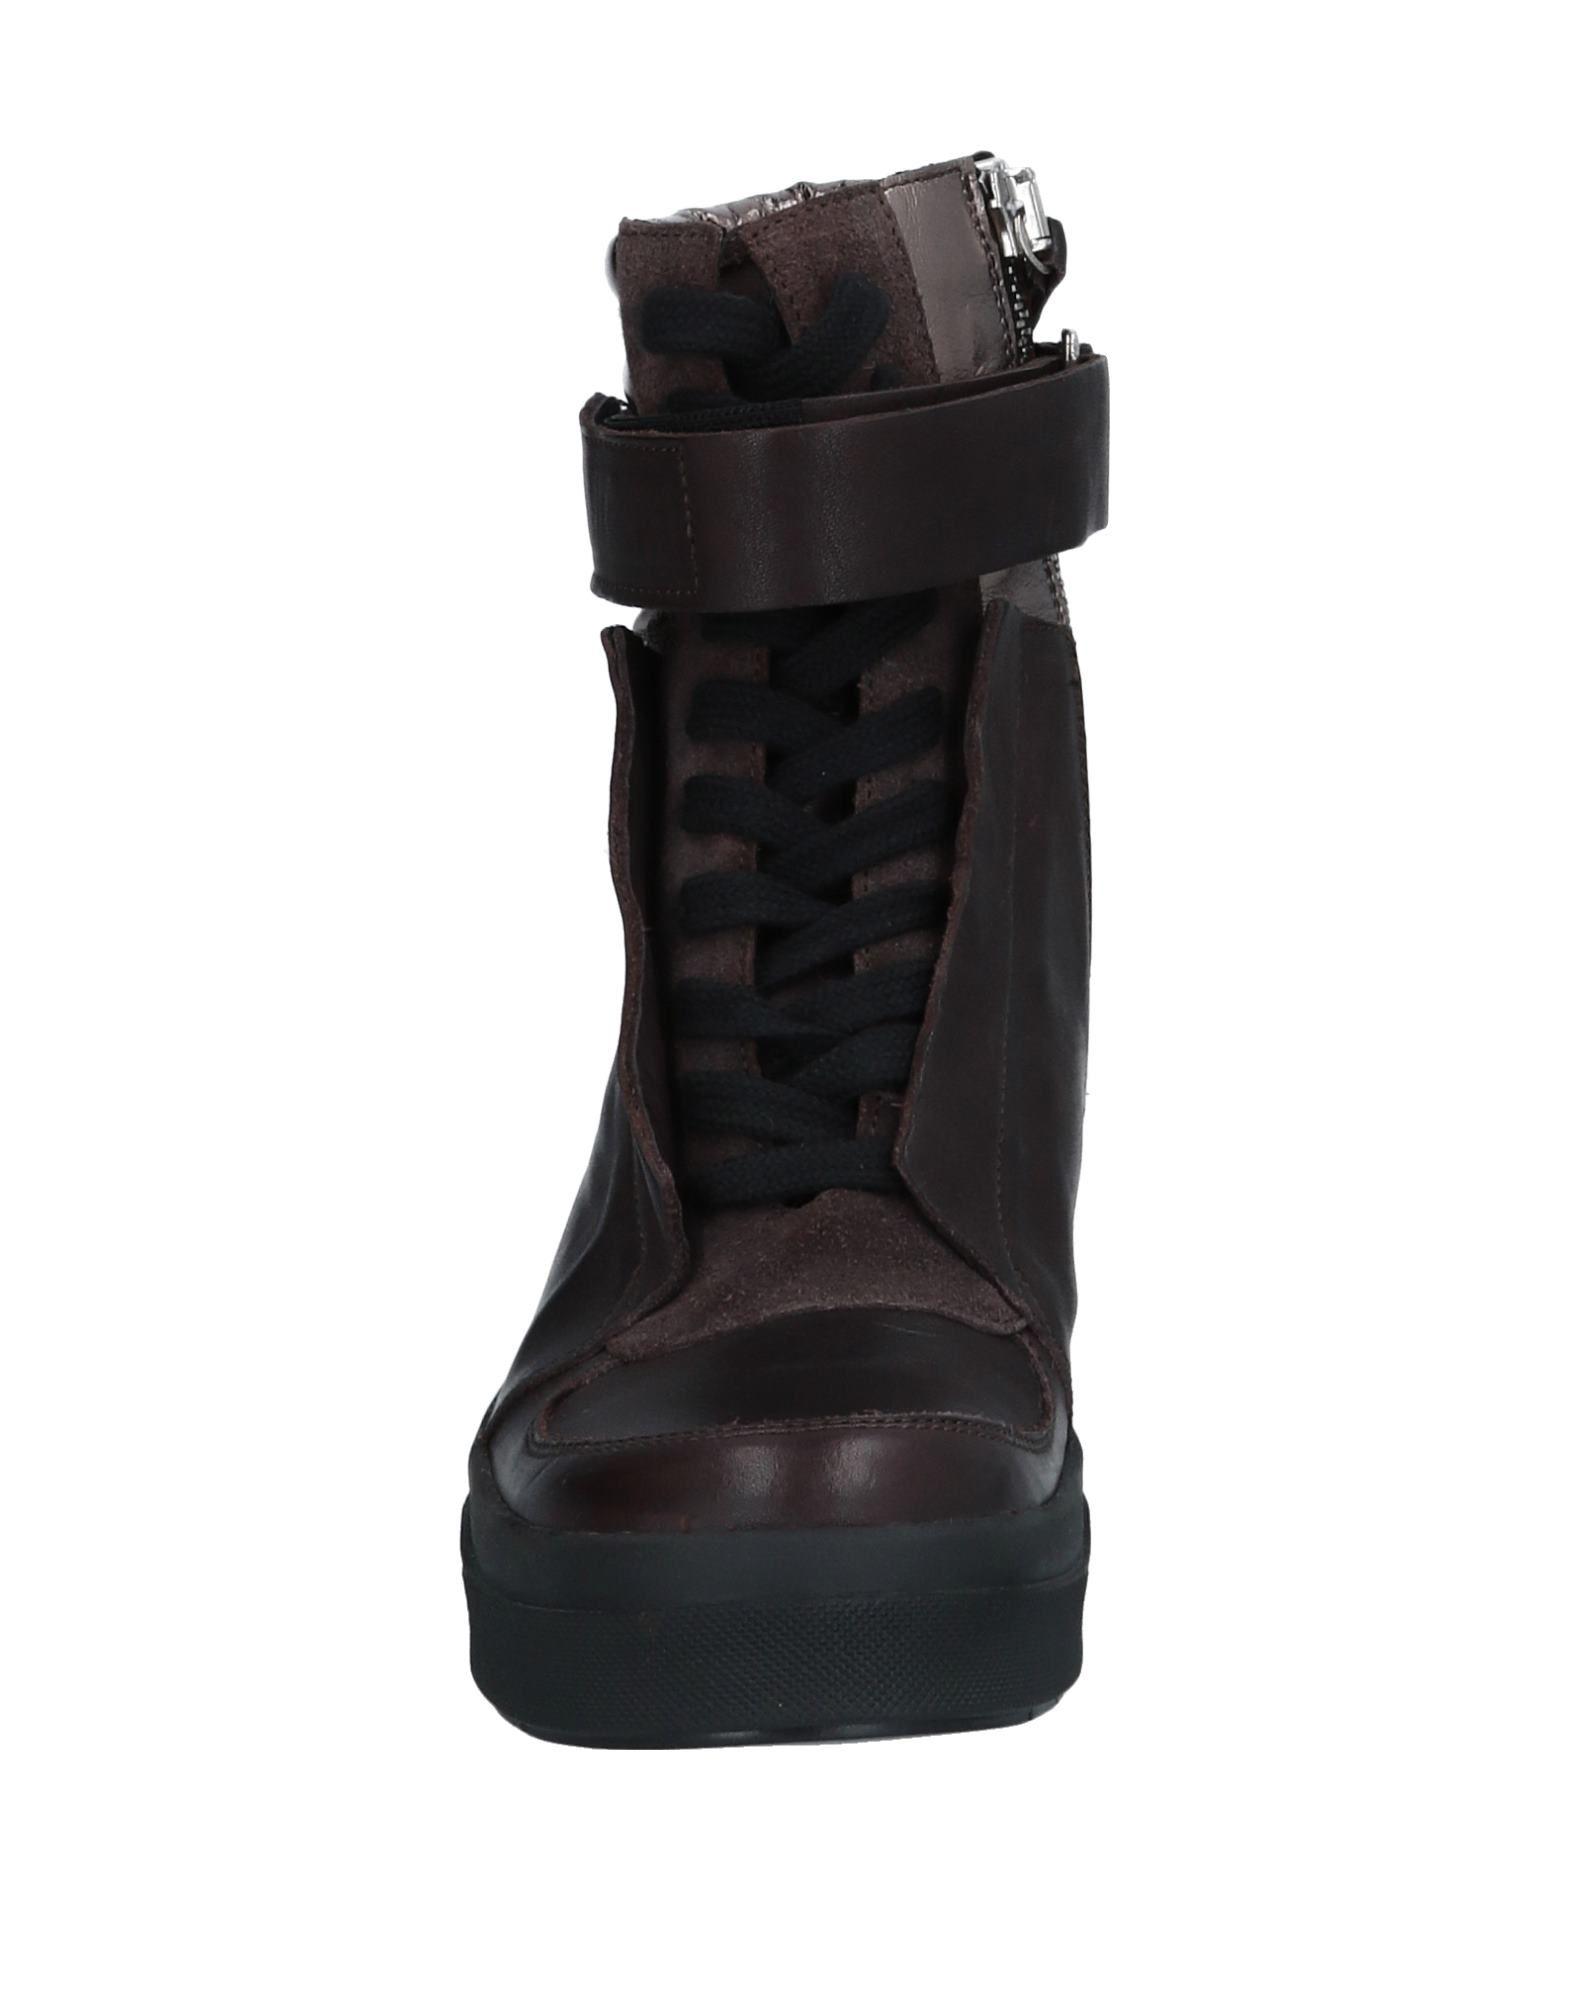 Rabatt Schuhe Ca Damen By Cinzia Araia Sneakers Damen Ca  11536588LR 8f4606